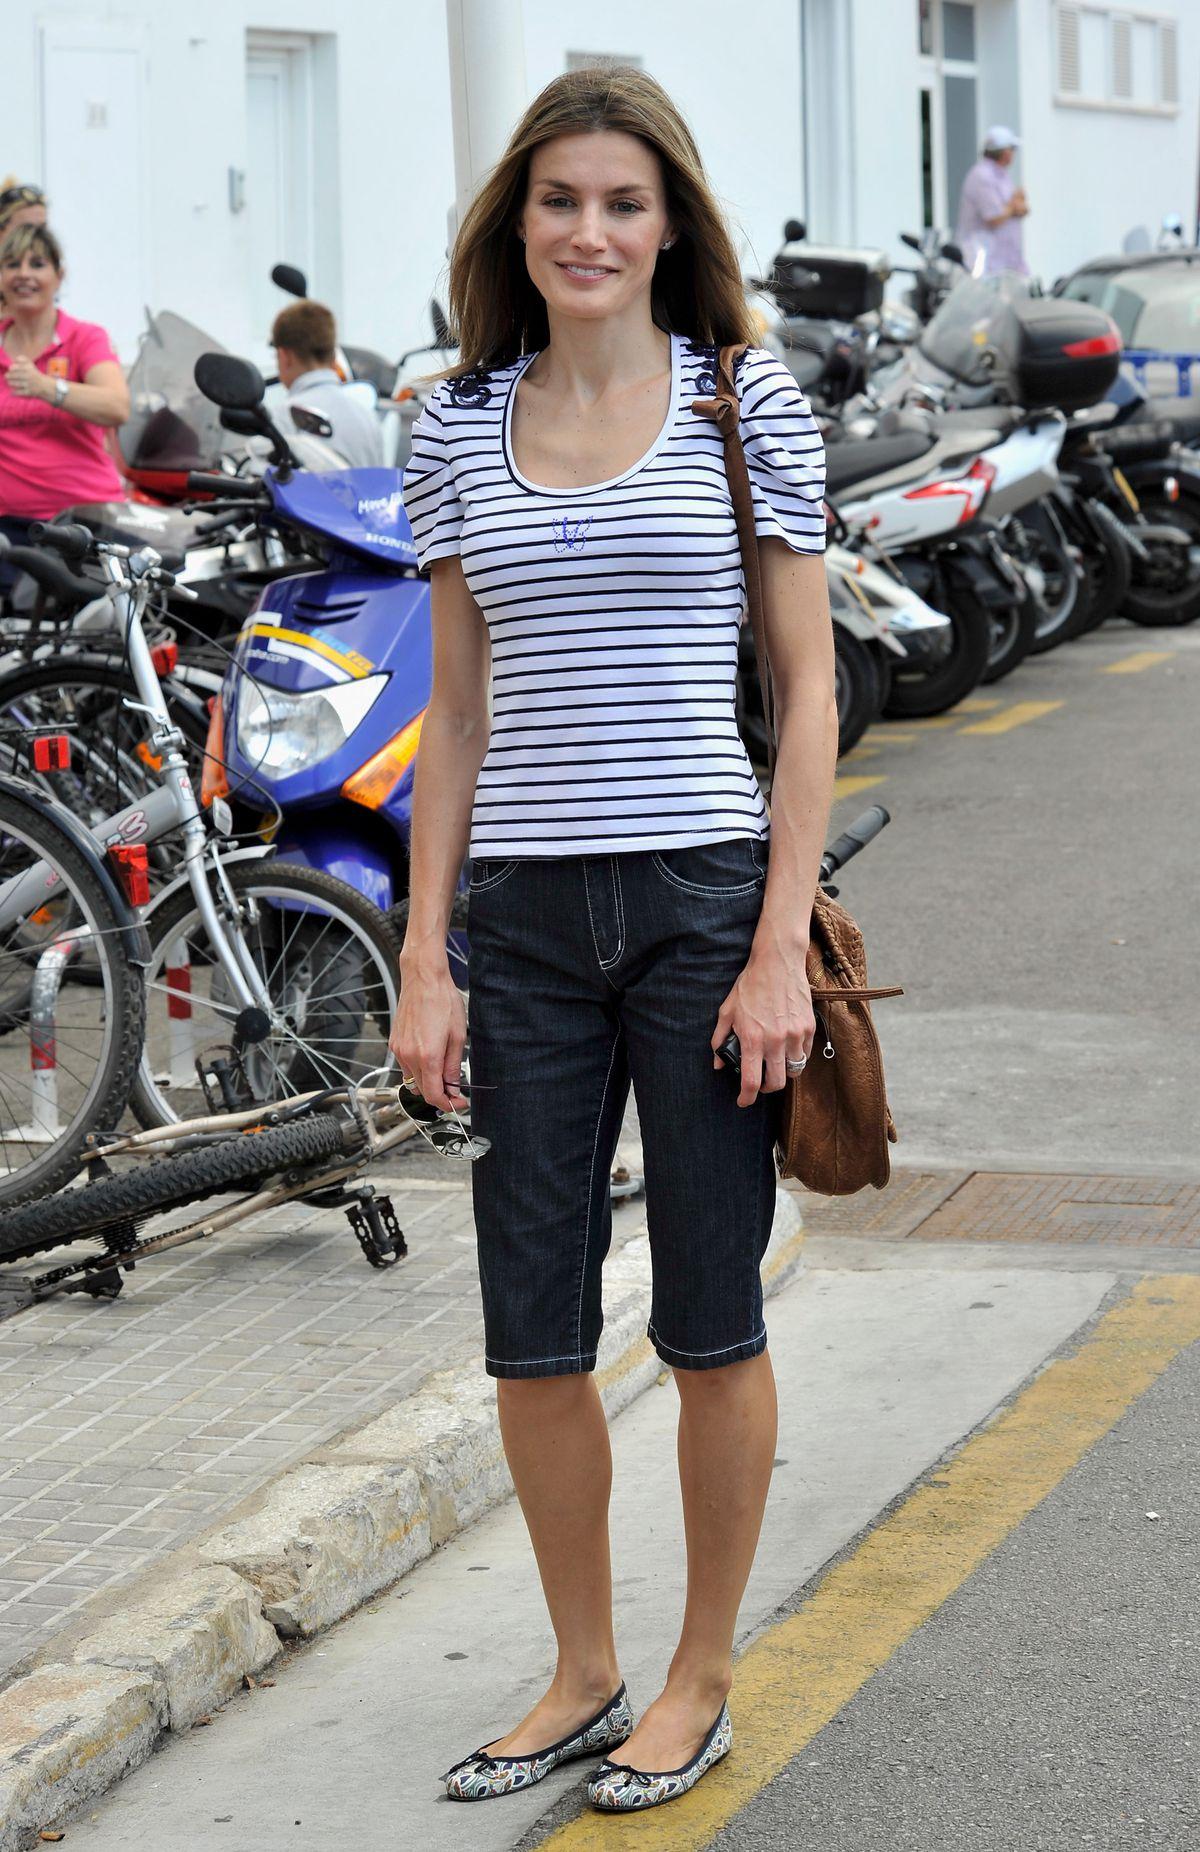 Princess Letizia of Spain wearing denim pedal pushers in 2010.